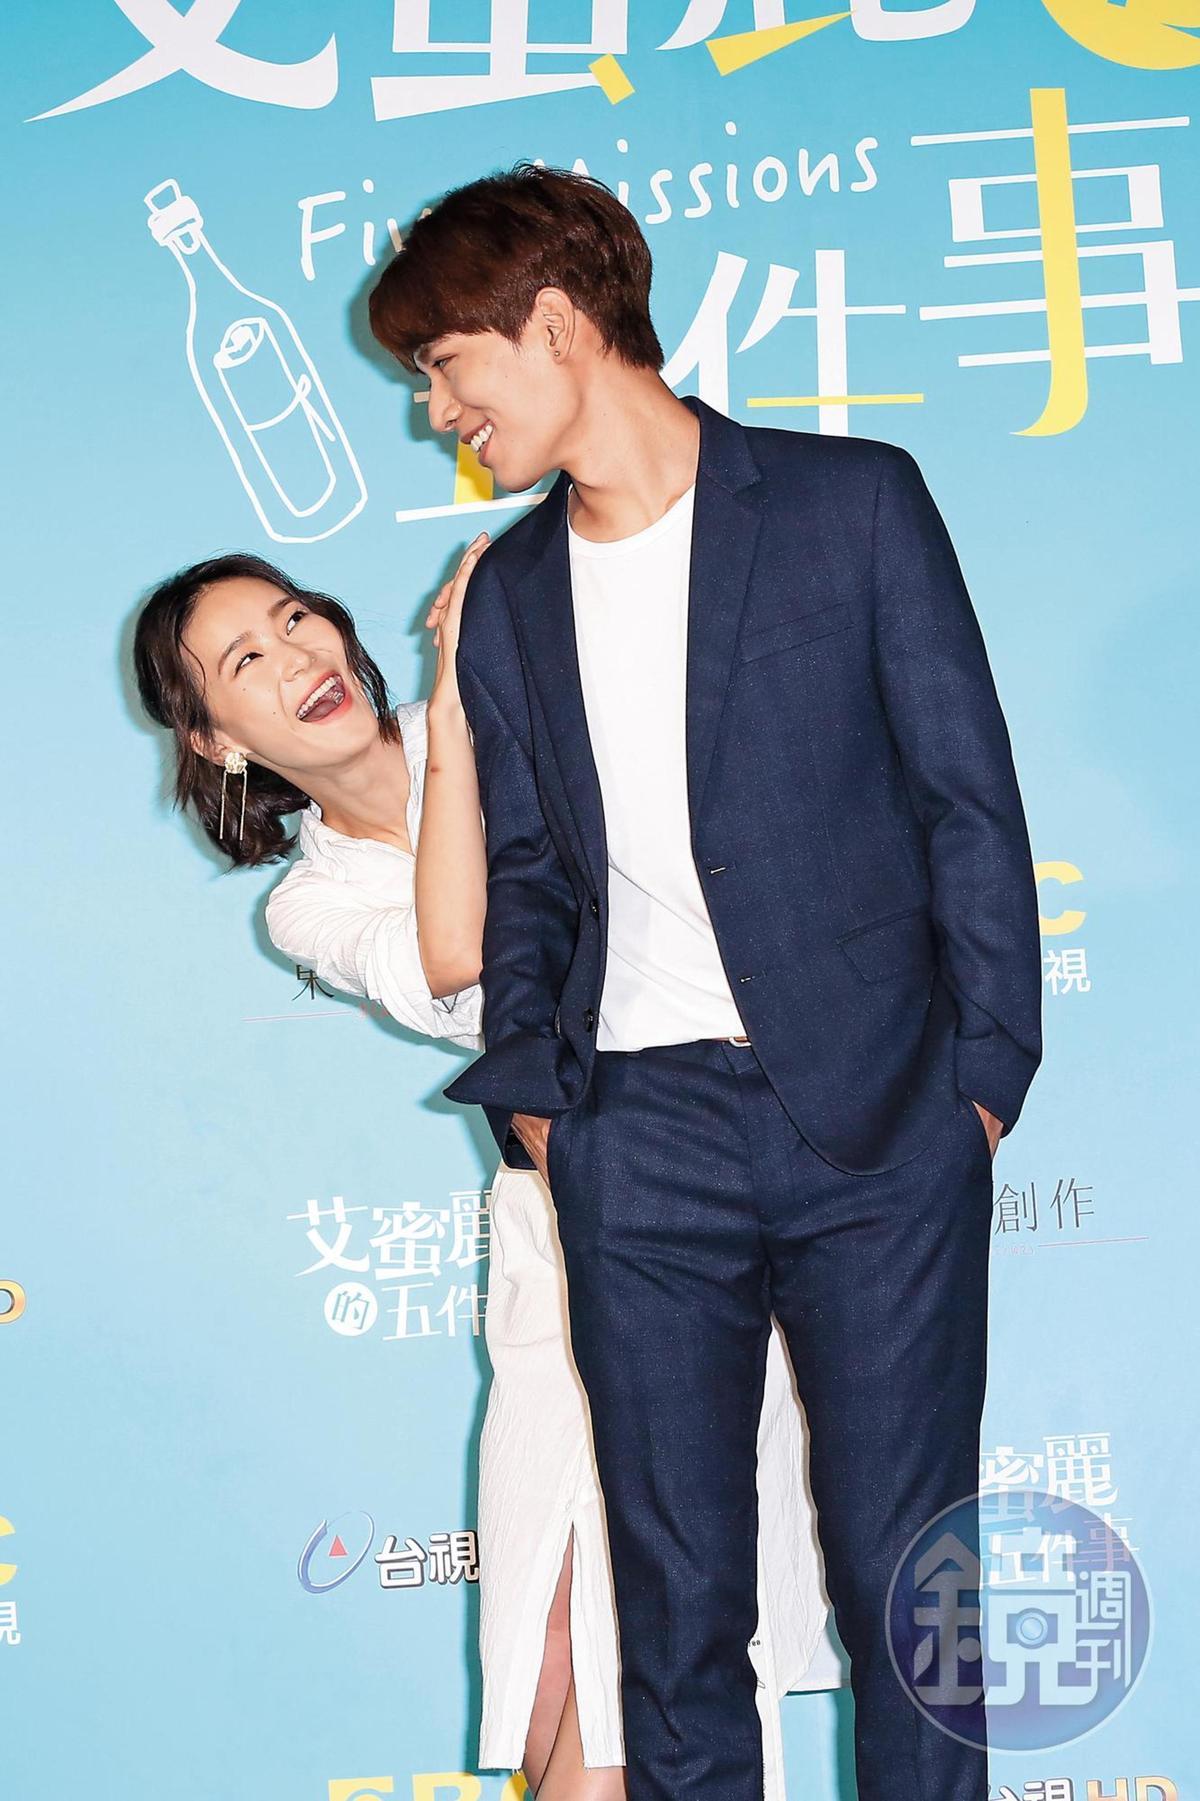 鍾瑶早已走出情傷,之前才跟小樂傳完,現又熱黏子閎;但子閎已經是四葉草的男友了。